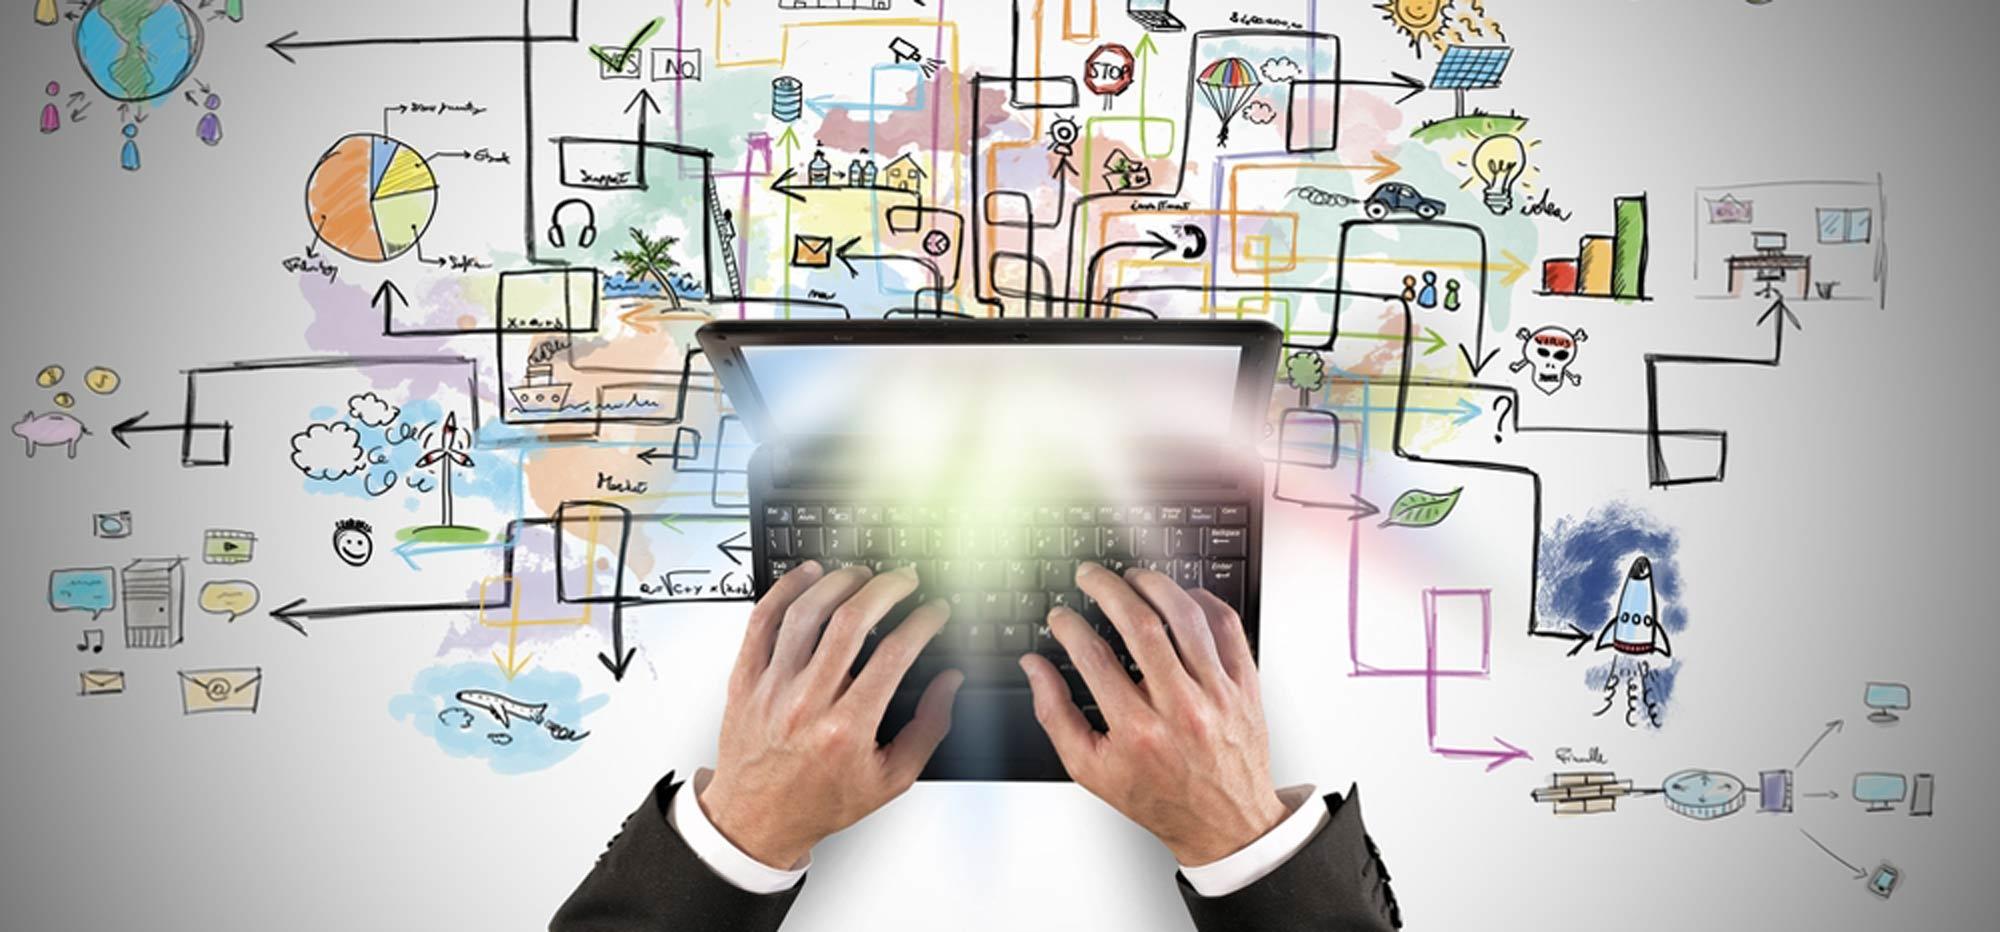 SAP hana IT Project Management